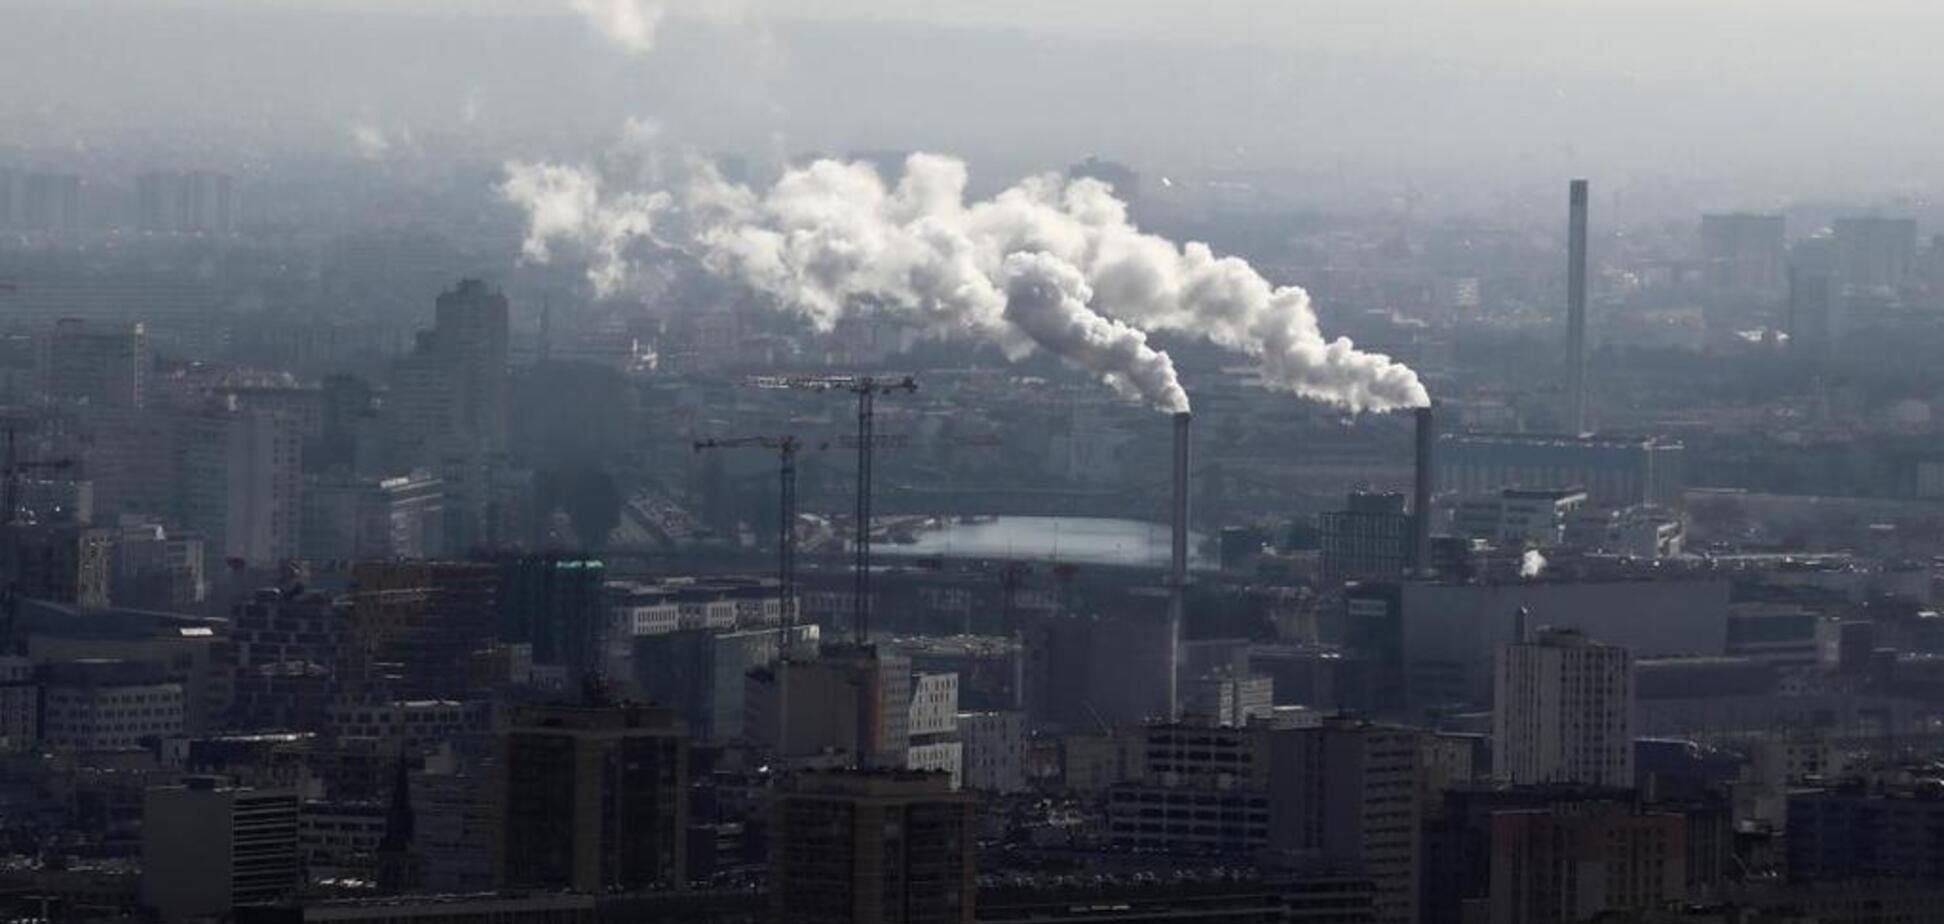 Сокращение выбросов: Всеукраинская Энергетическая Ассамблея обратилась к Гройсману